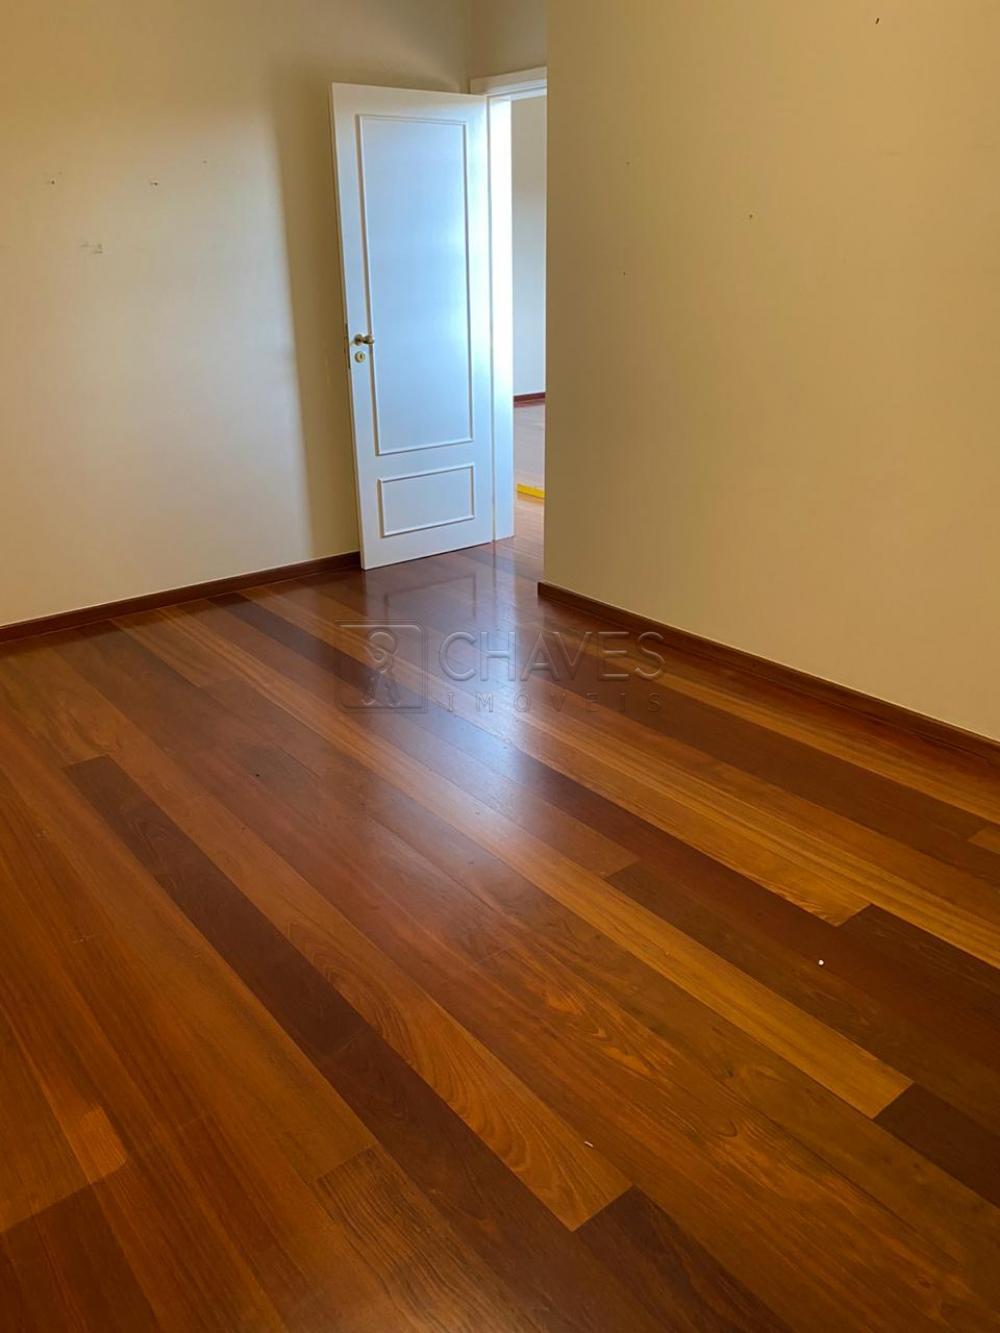 Comprar Casa / Condomínio em Ribeirão Preto apenas R$ 4.900.000,00 - Foto 12